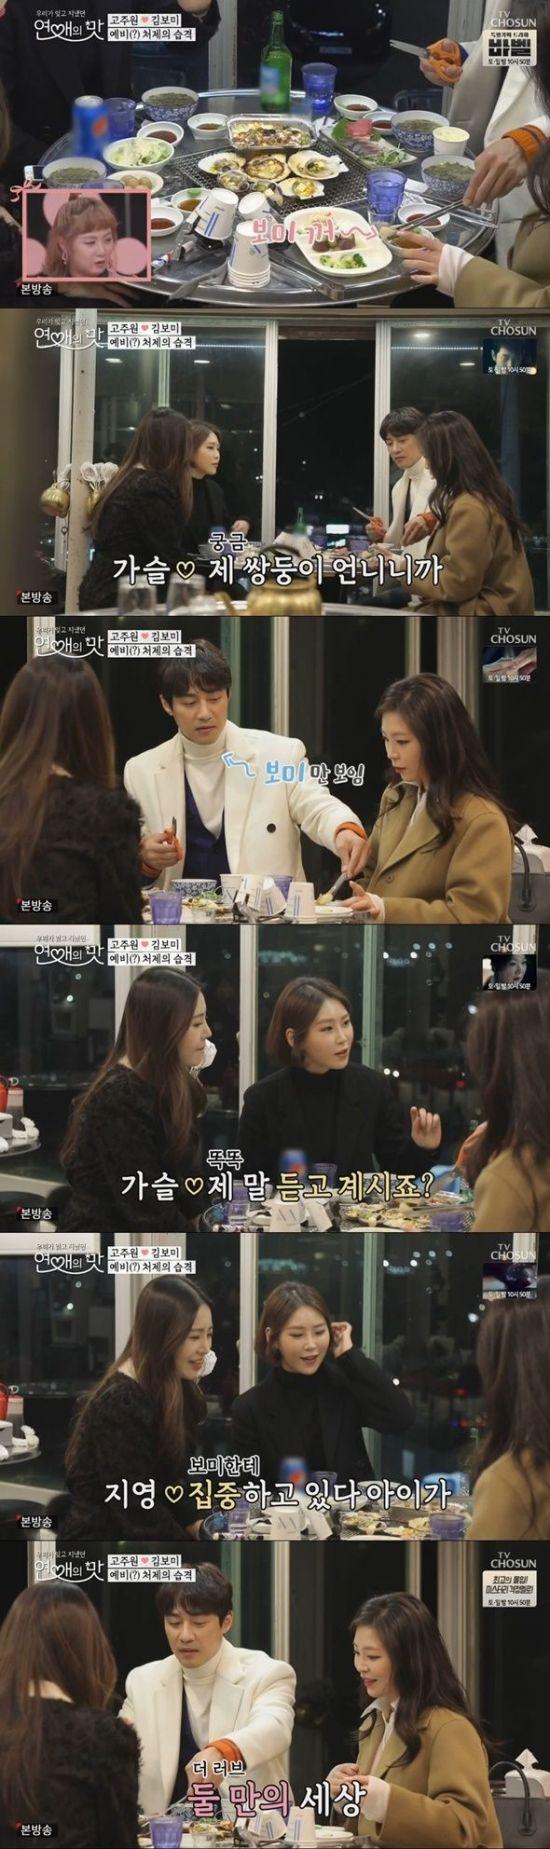 """고주원♥김보미 커플, """"제 말 듣고 계시죠?"""" 김보미에 집중하는 고주원"""